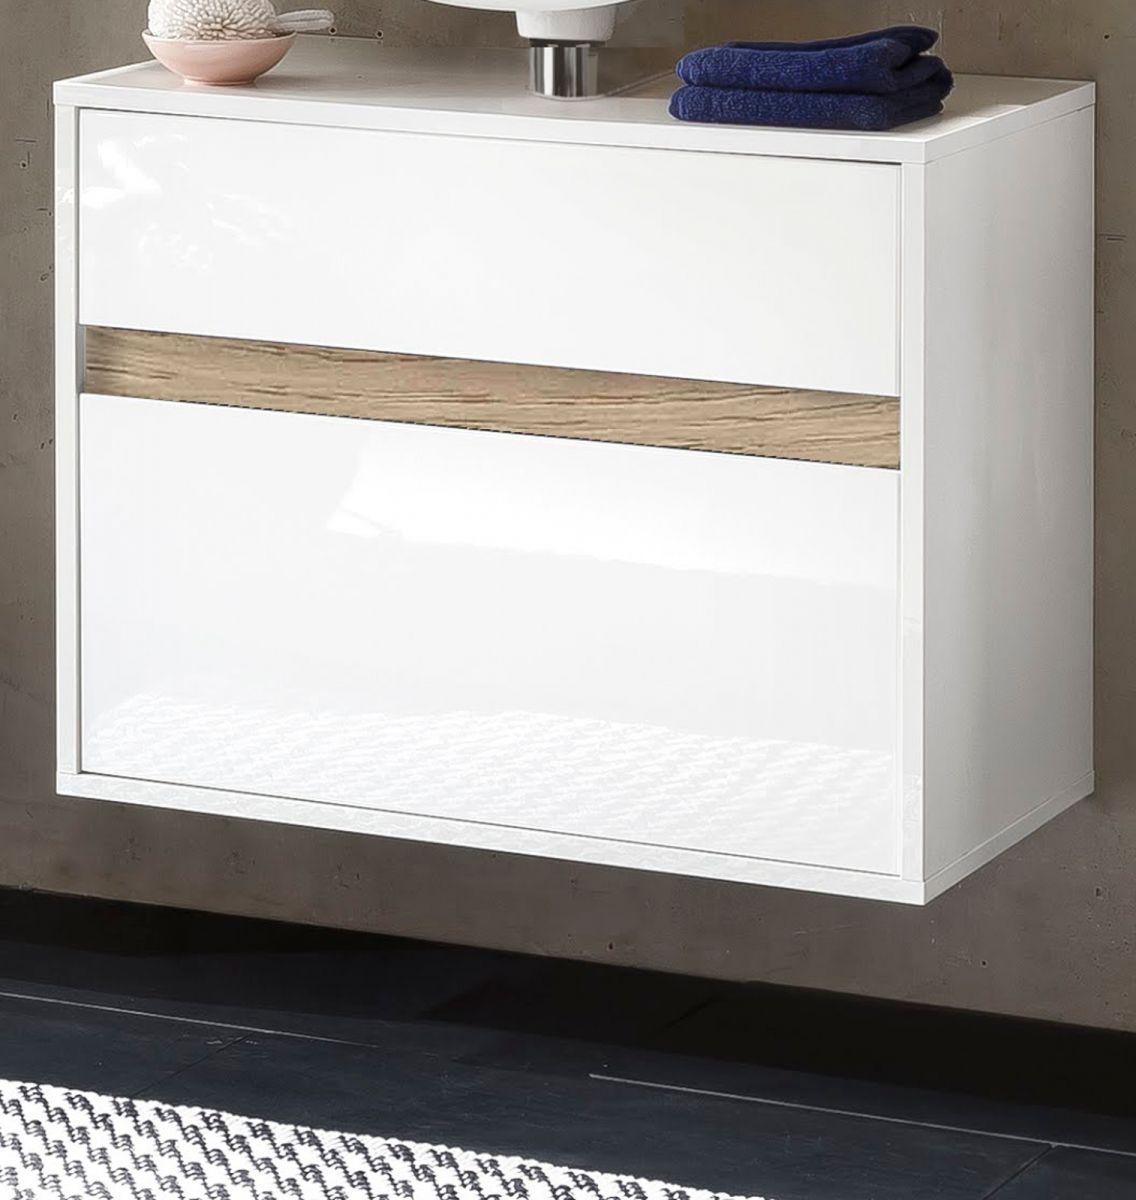 Waschbeckenunterschrank Hängeschrank weiss Hochglanz Lack und Alteiche Sol 67x52 cm